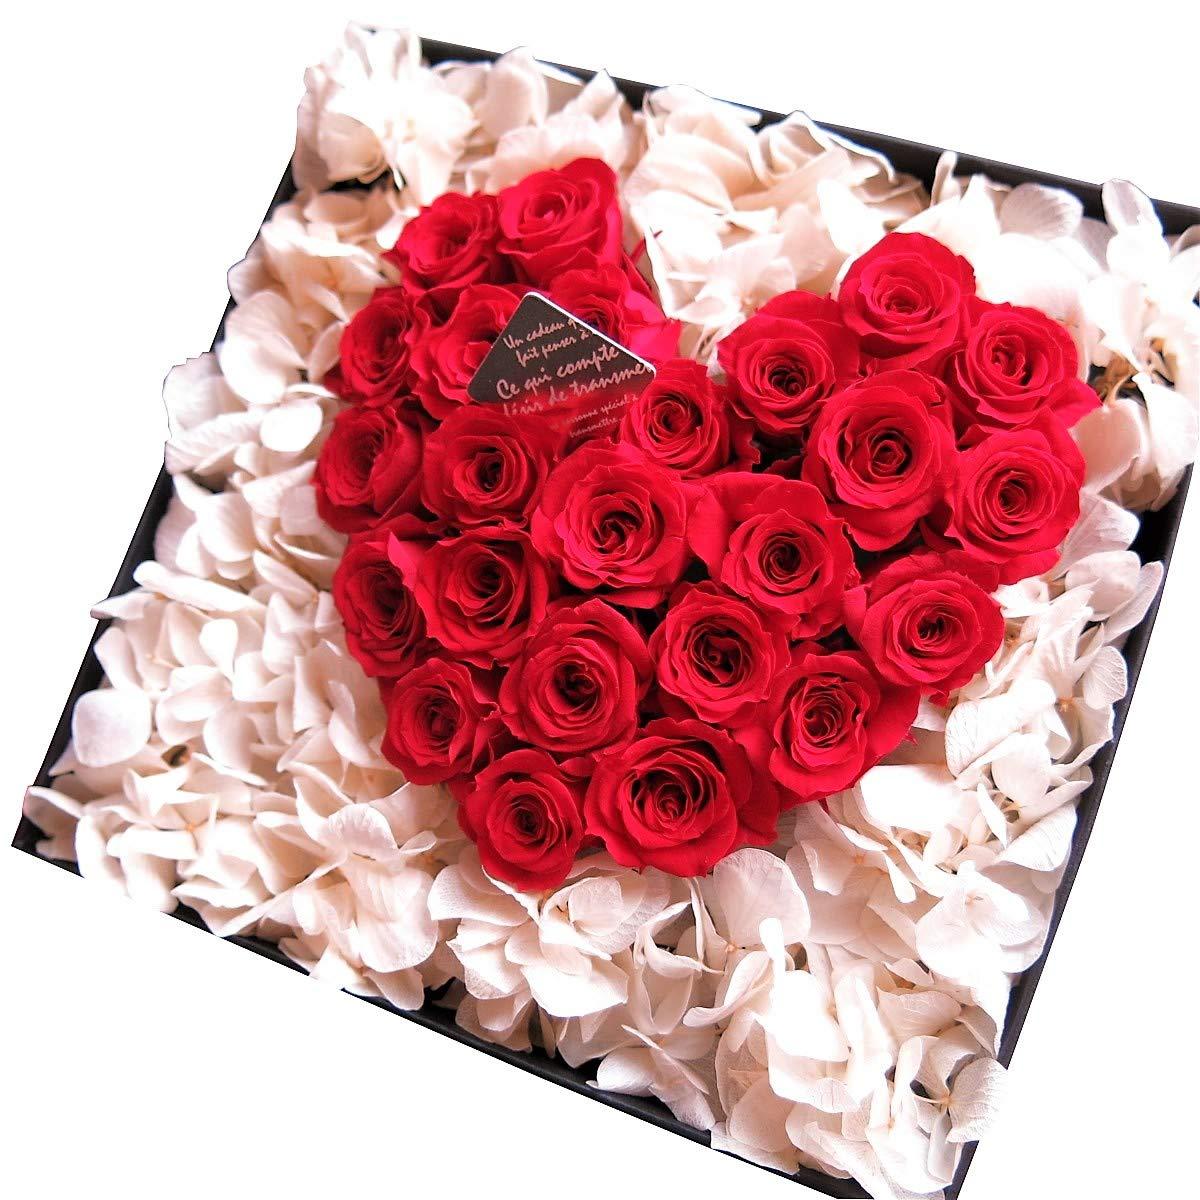 誕生日プレゼント フラワーギフト プリザーブドフラワー  赤バラ ハート 箱開けてスマイル ボックス(L)入り プリザーブドフラワー B00U2M8F4E